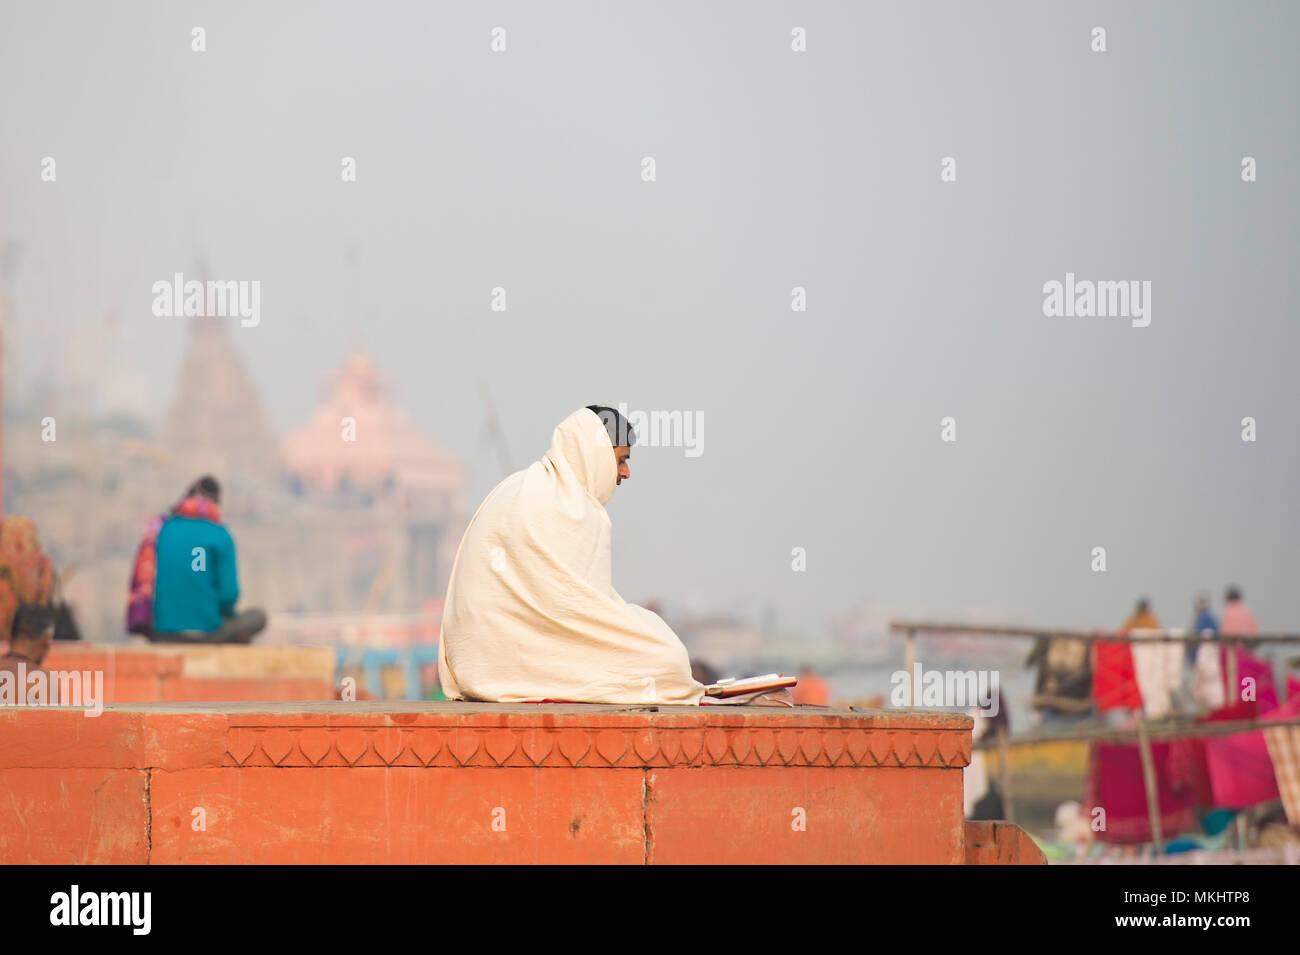 VARANASI - India - 12 gennaio 2018. La meditazione, uomo santo Sadhu meditando a ghats di Varanasi, Banaras, Uttar Pradesh, India, Asia Immagini Stock